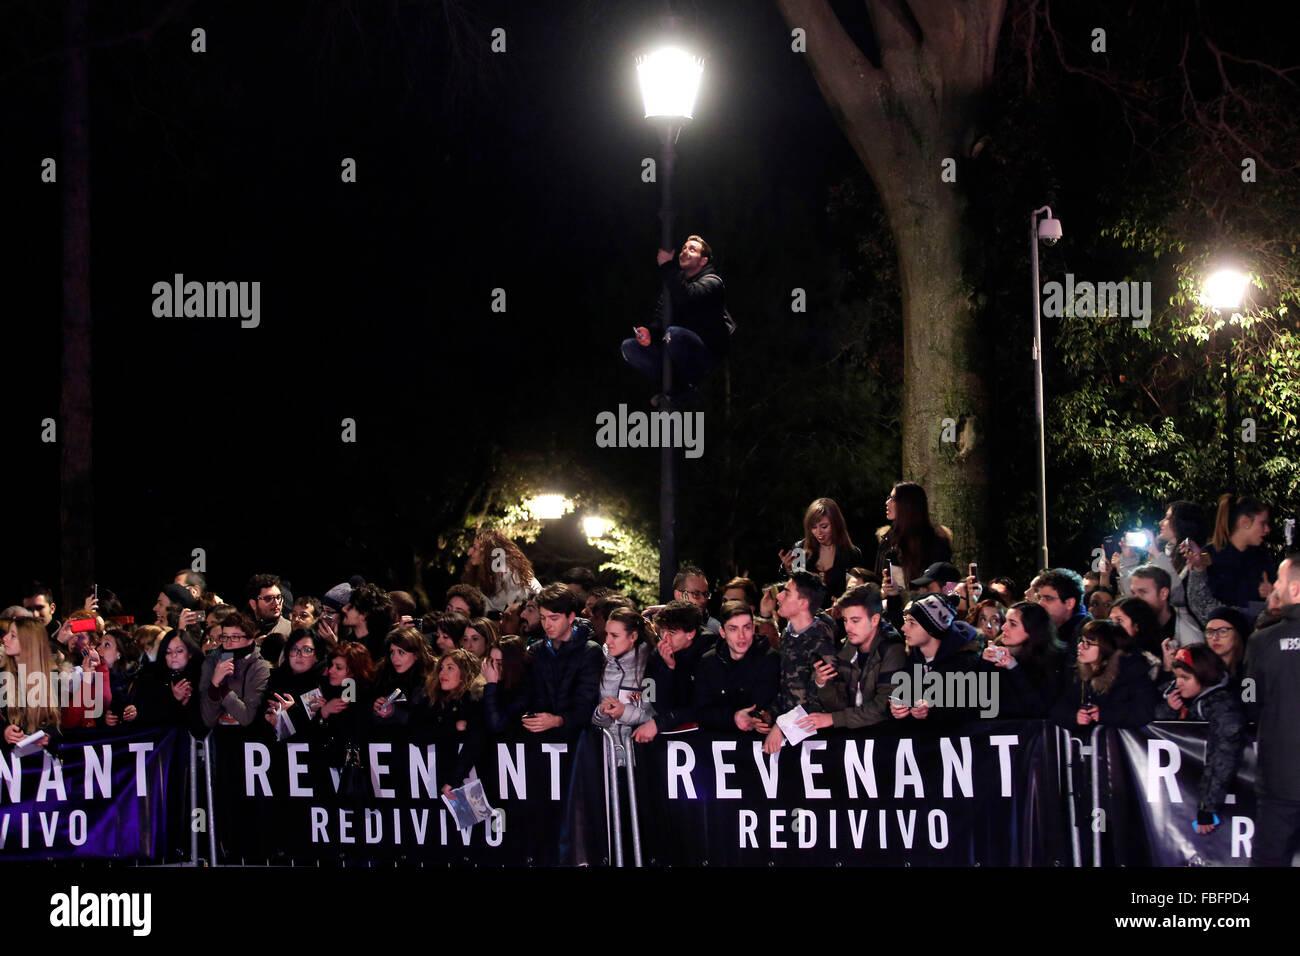 Roma, Italia. 15 gennaio, 2016. Ventole, Casa del Cinema. Il redivivo Anteprima. Revenant Red Carpet Premiere. Credito: Immagini Stock